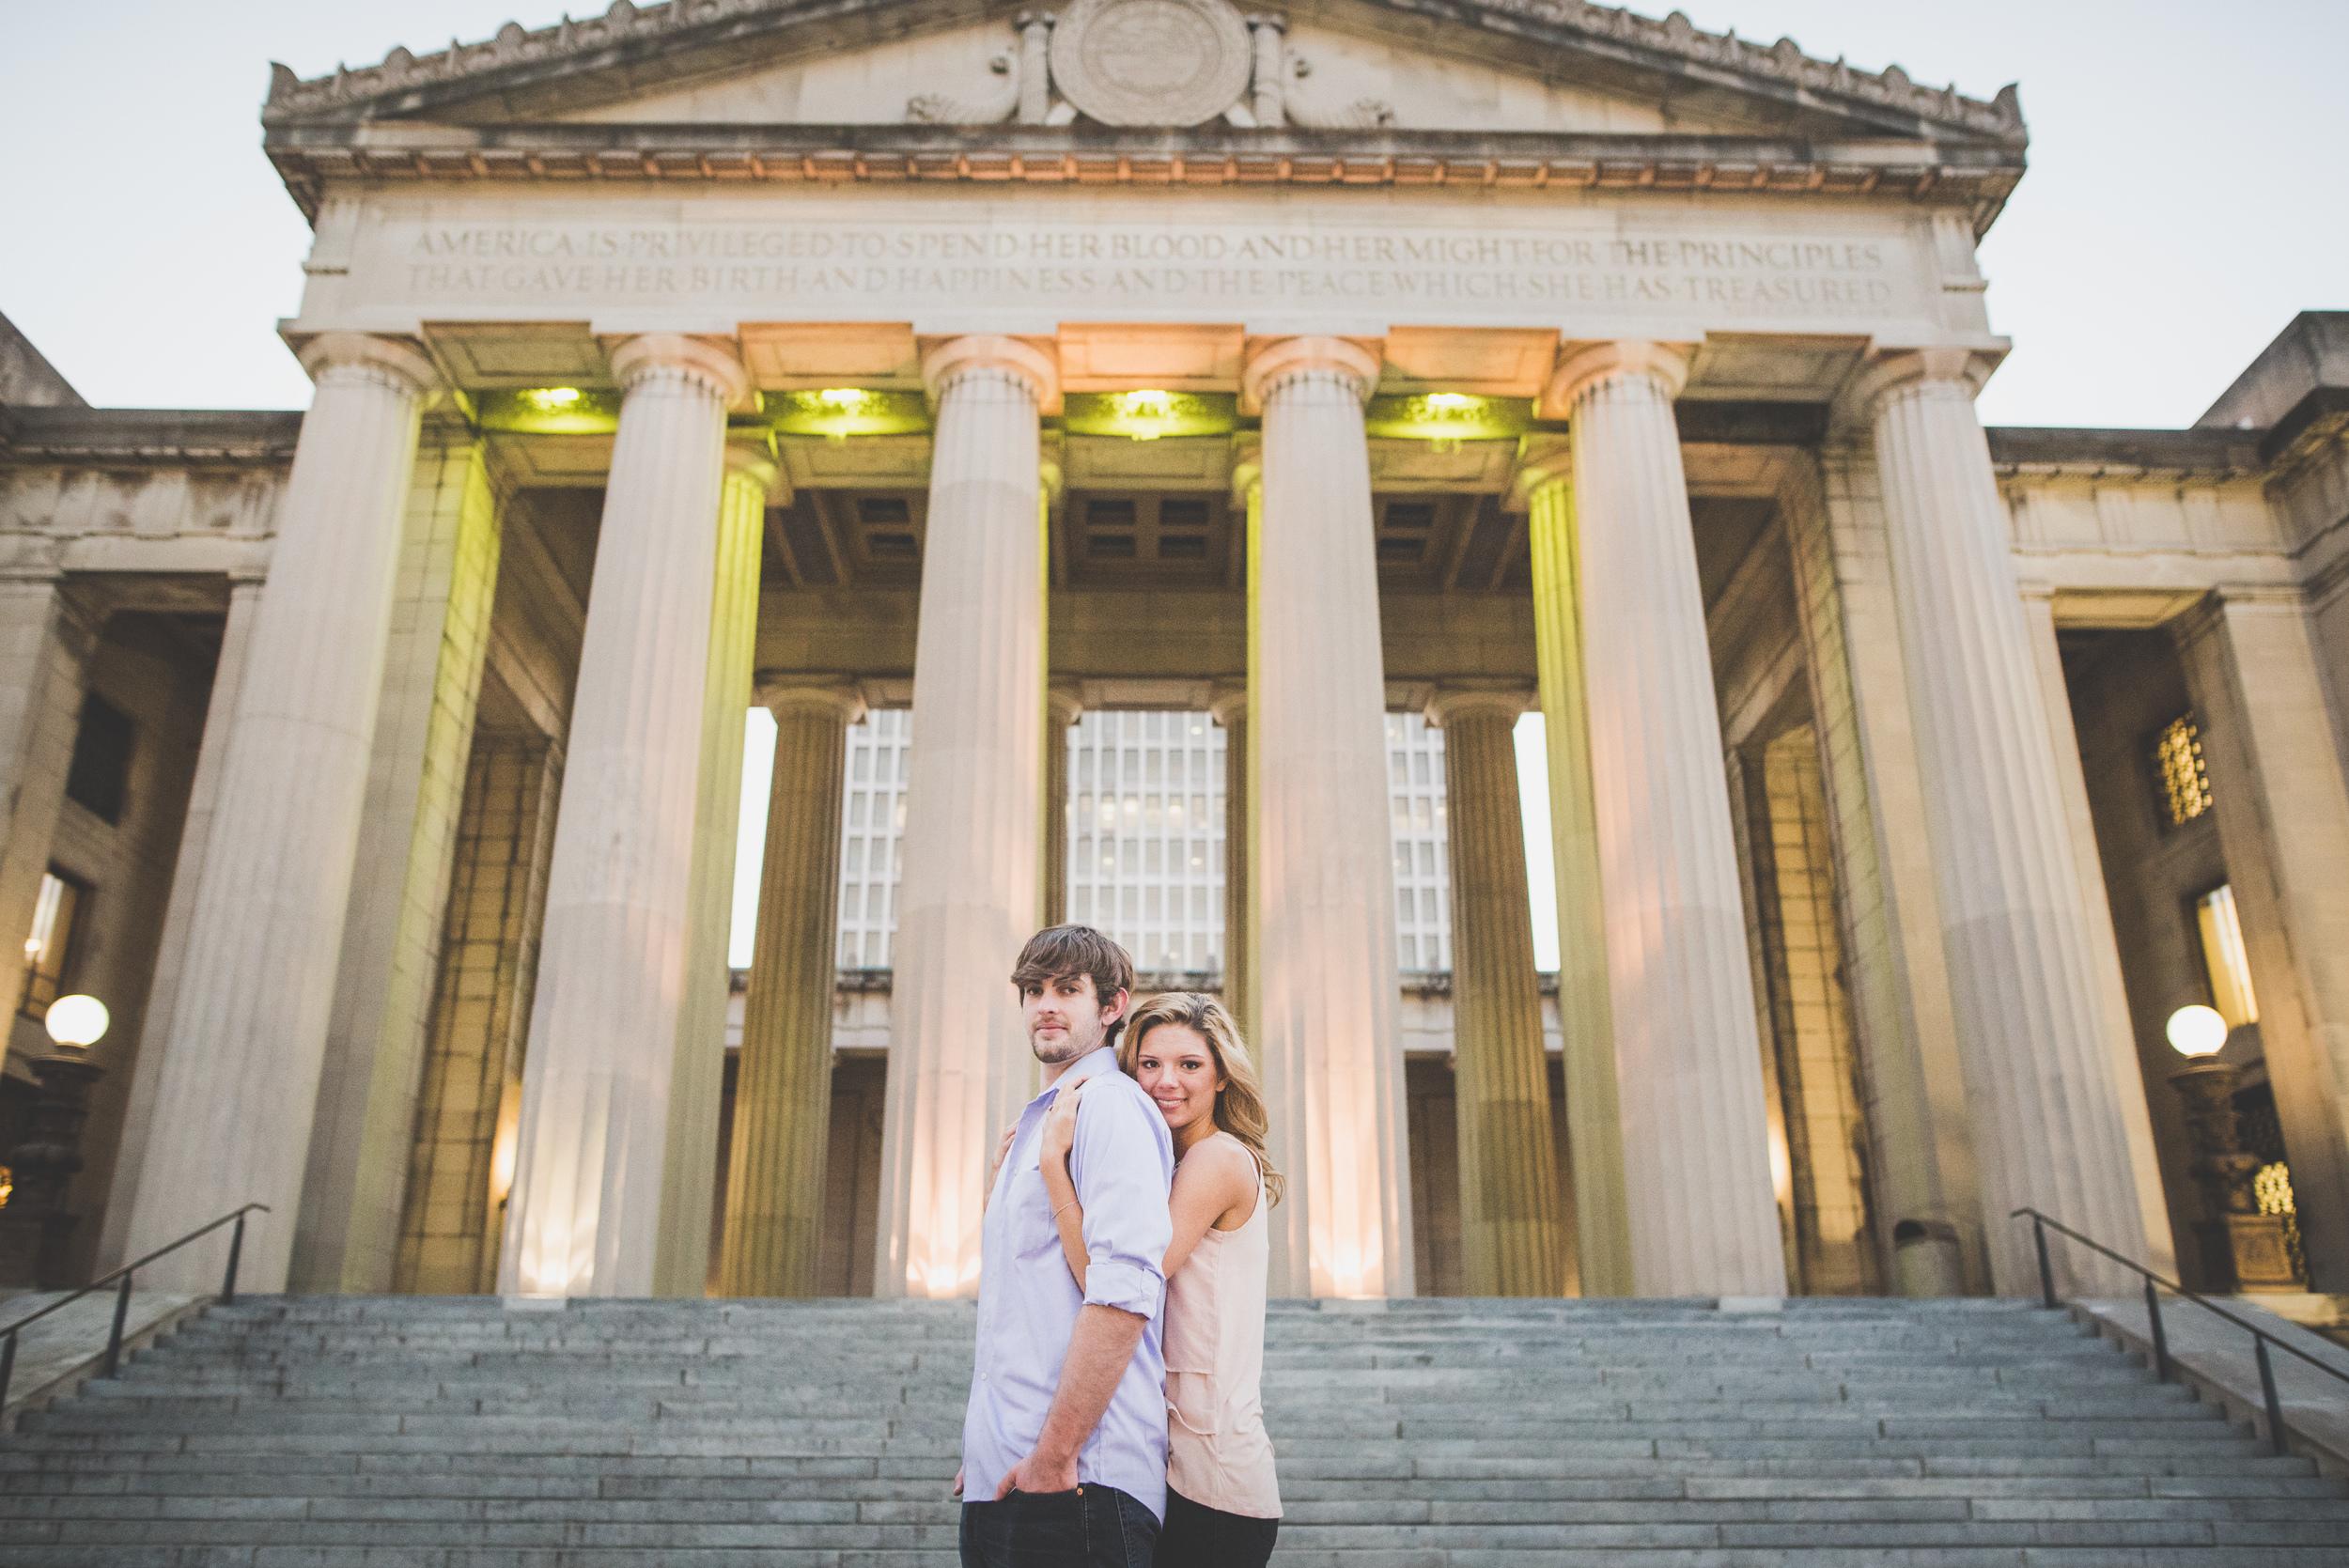 Scarritt-Bennett-War-Memorial-Downtown-Nashville-Wedding-Photographer-20.jpg